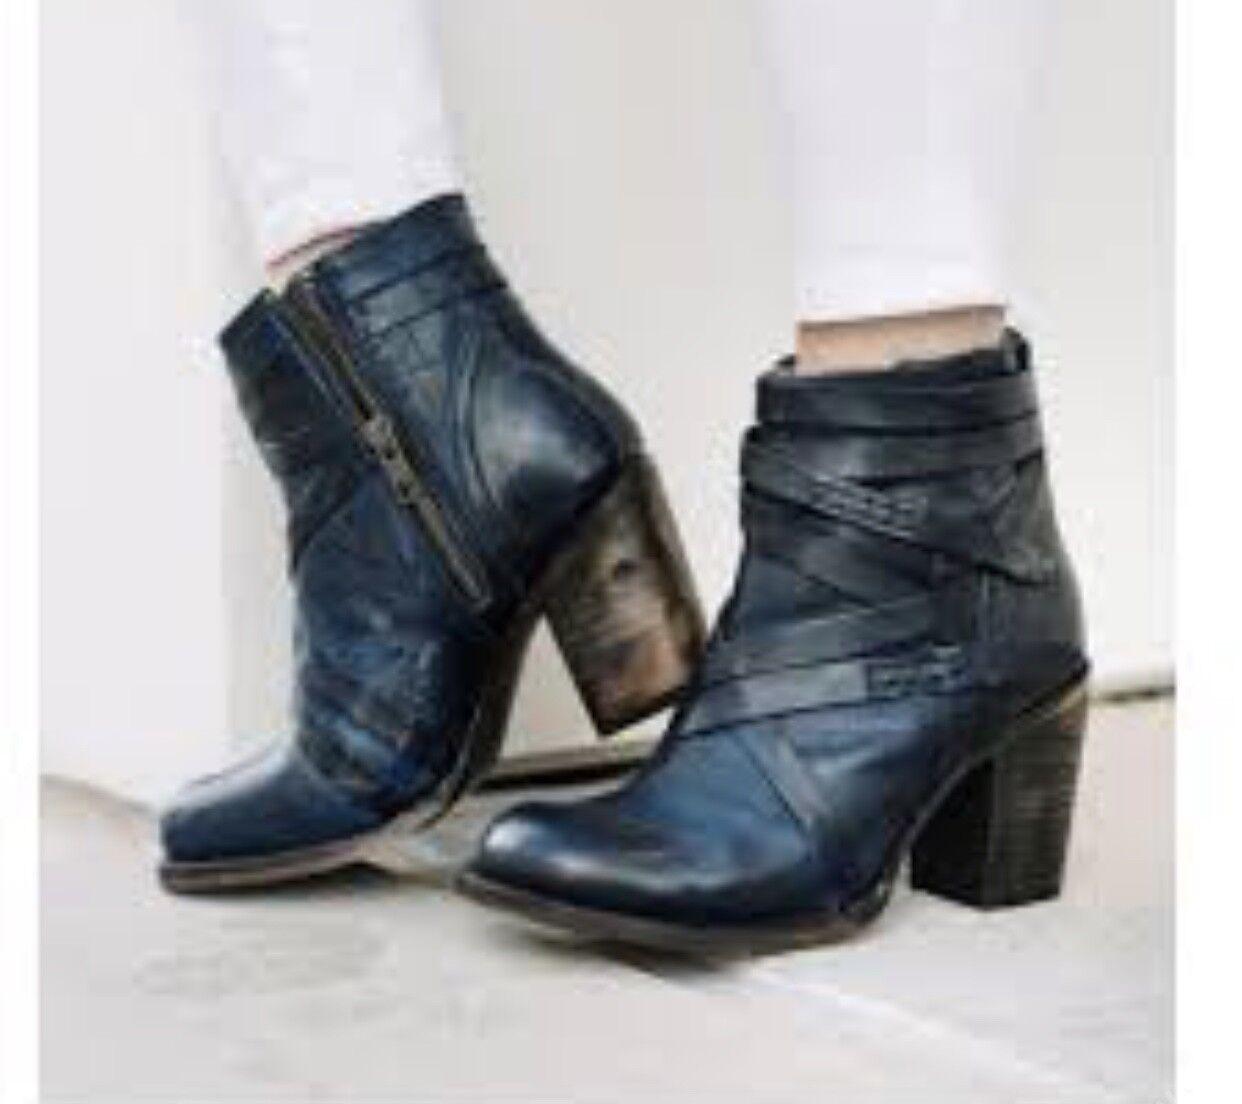 Nuevo En Caja   295 Freebird por Steven 'joya' 'joya' 'joya' con tiras de cuero botas al tobillo azul 6  tiempo libre